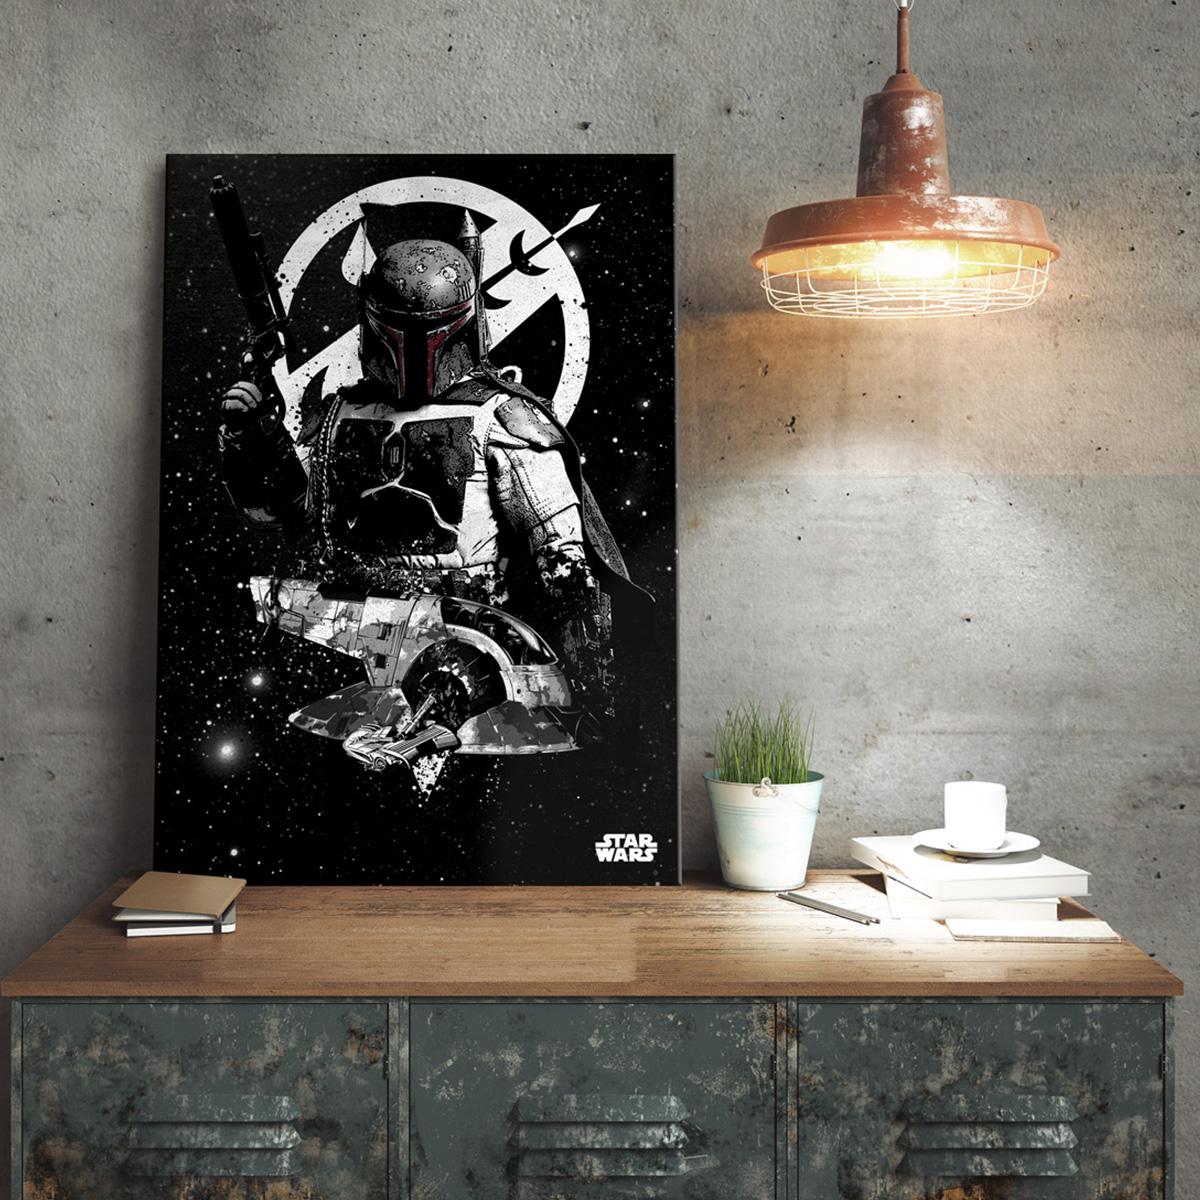 Star Wars metaalposter - Boba Fett Slave 1